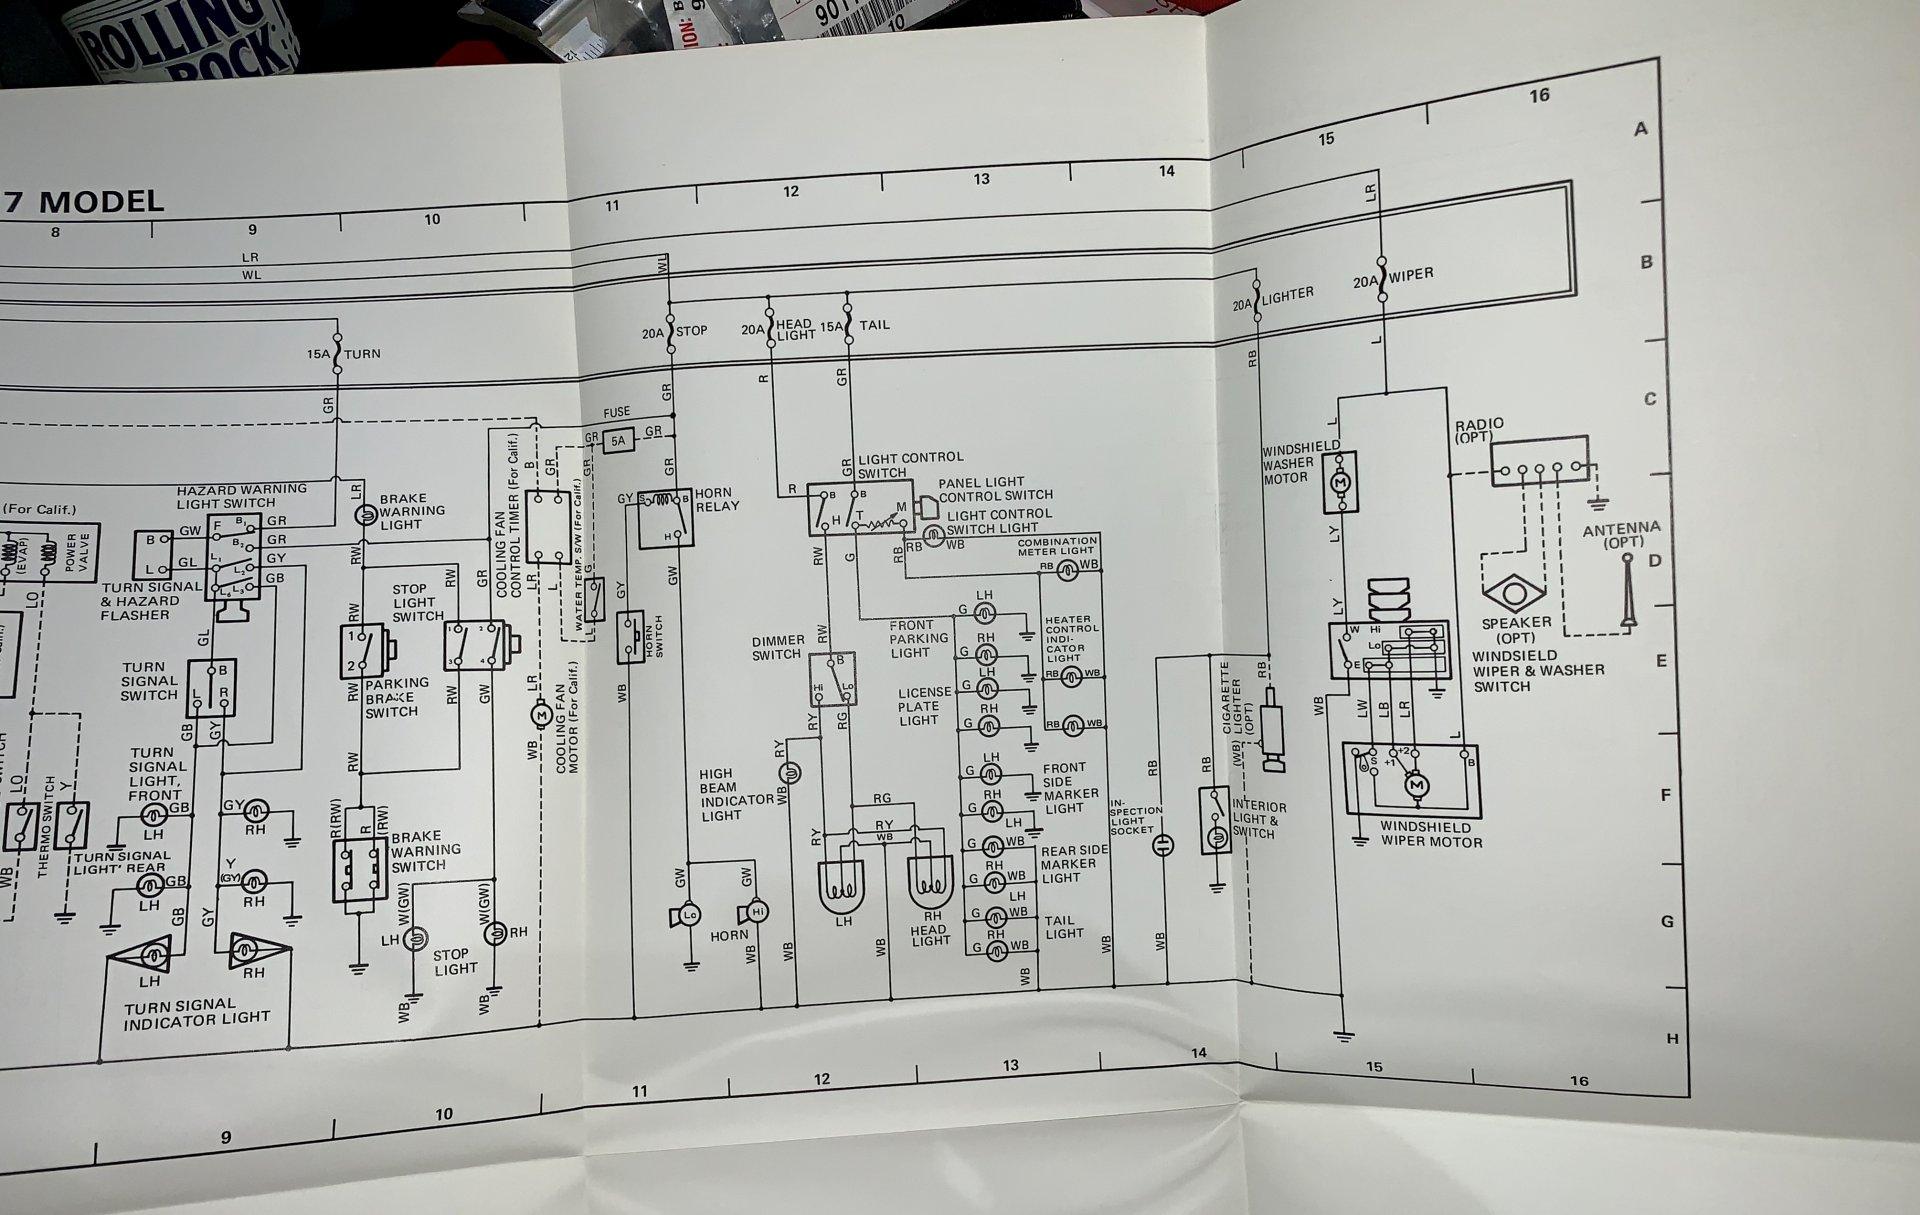 5CA6A703-CD22-48AA-A049-AAF45DED5F94.jpeg